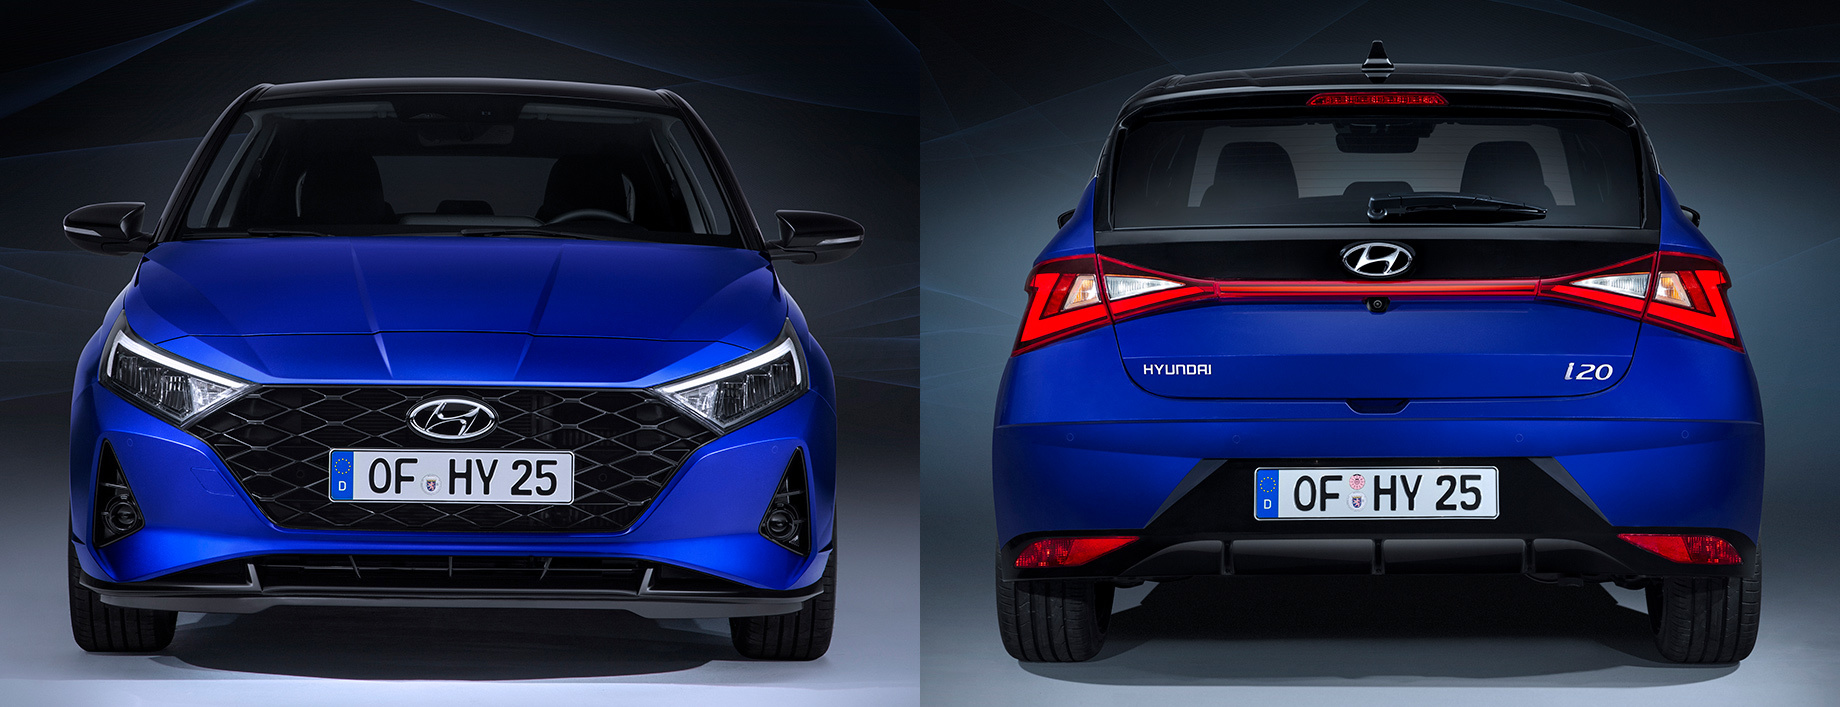 Хэтчбек Hyundai i20 сменил имидж истал умеренным гибридом